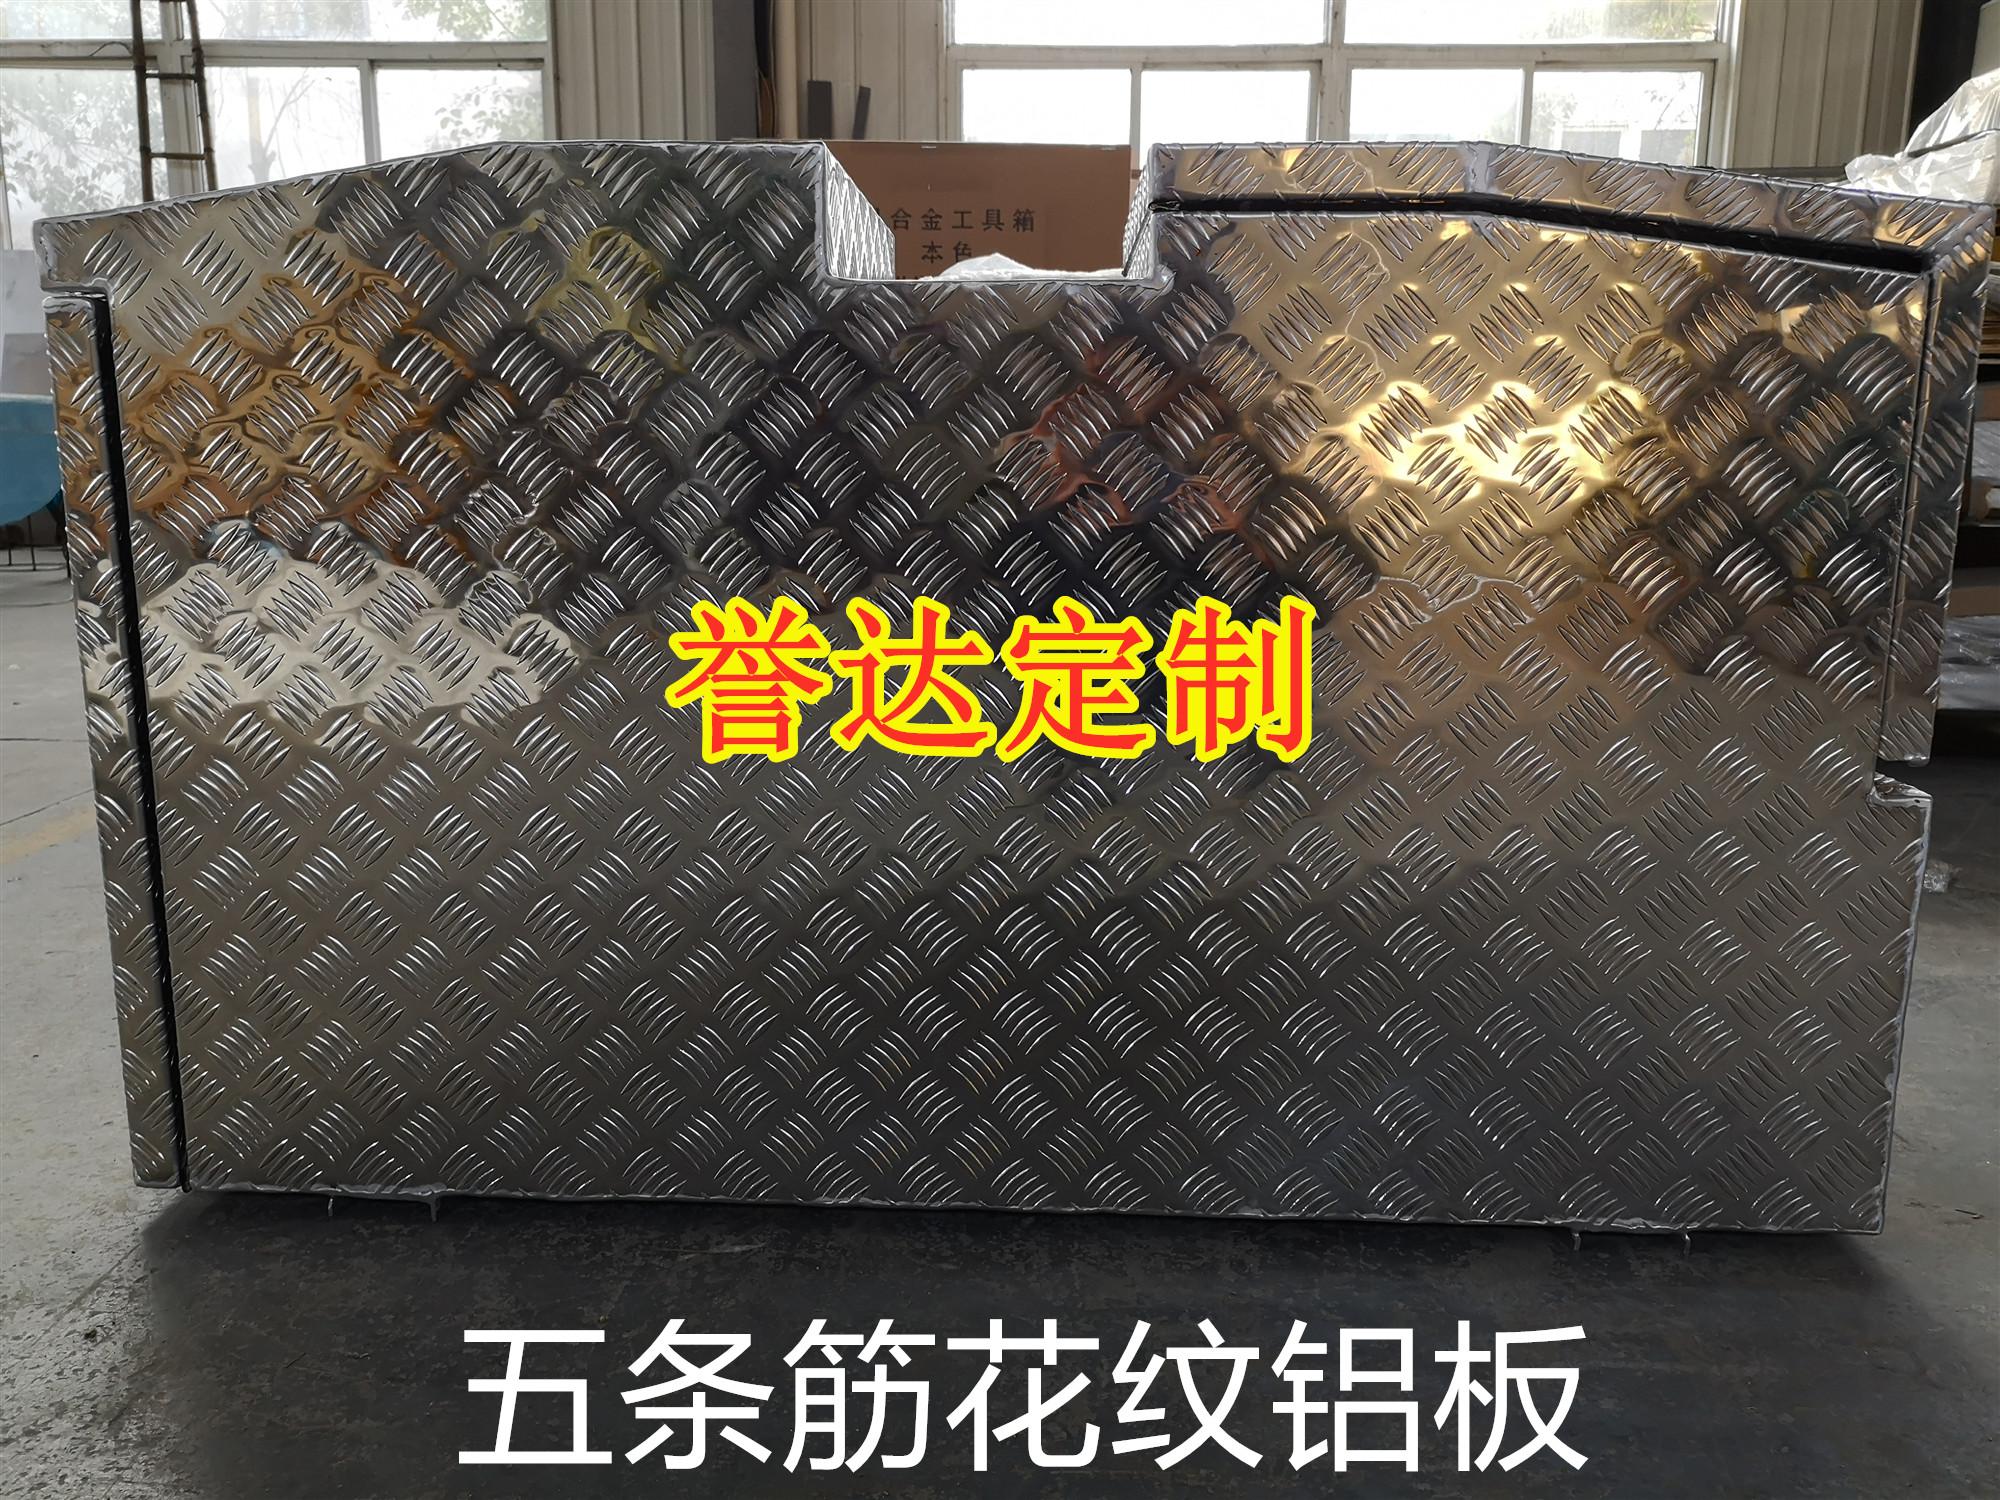 誉达定制房车专项使用铝合金工具箱